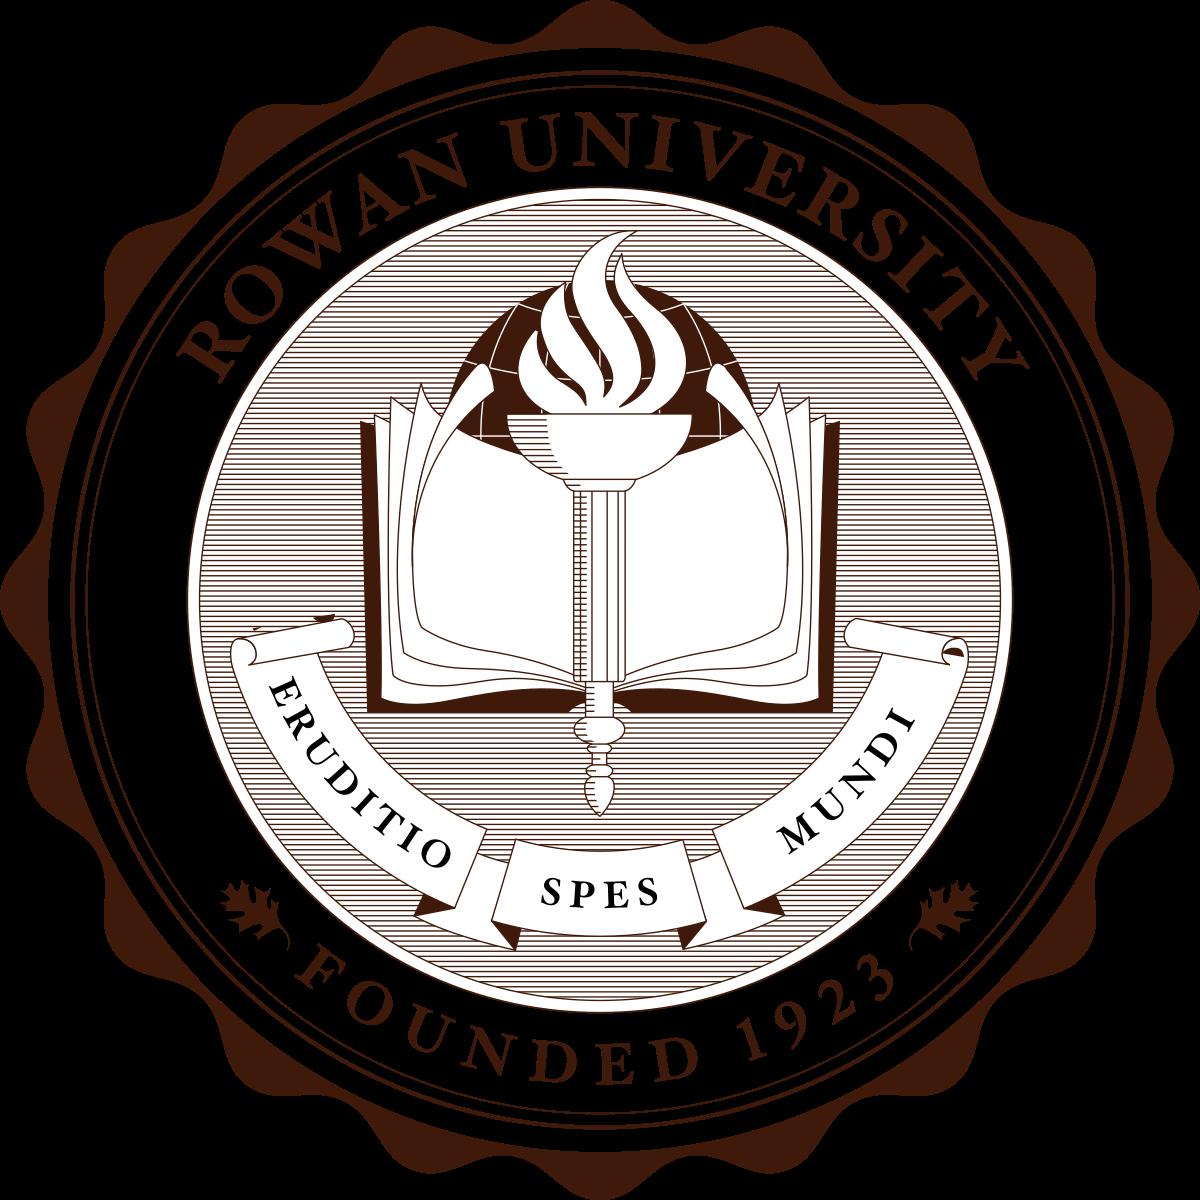 Rowan University.